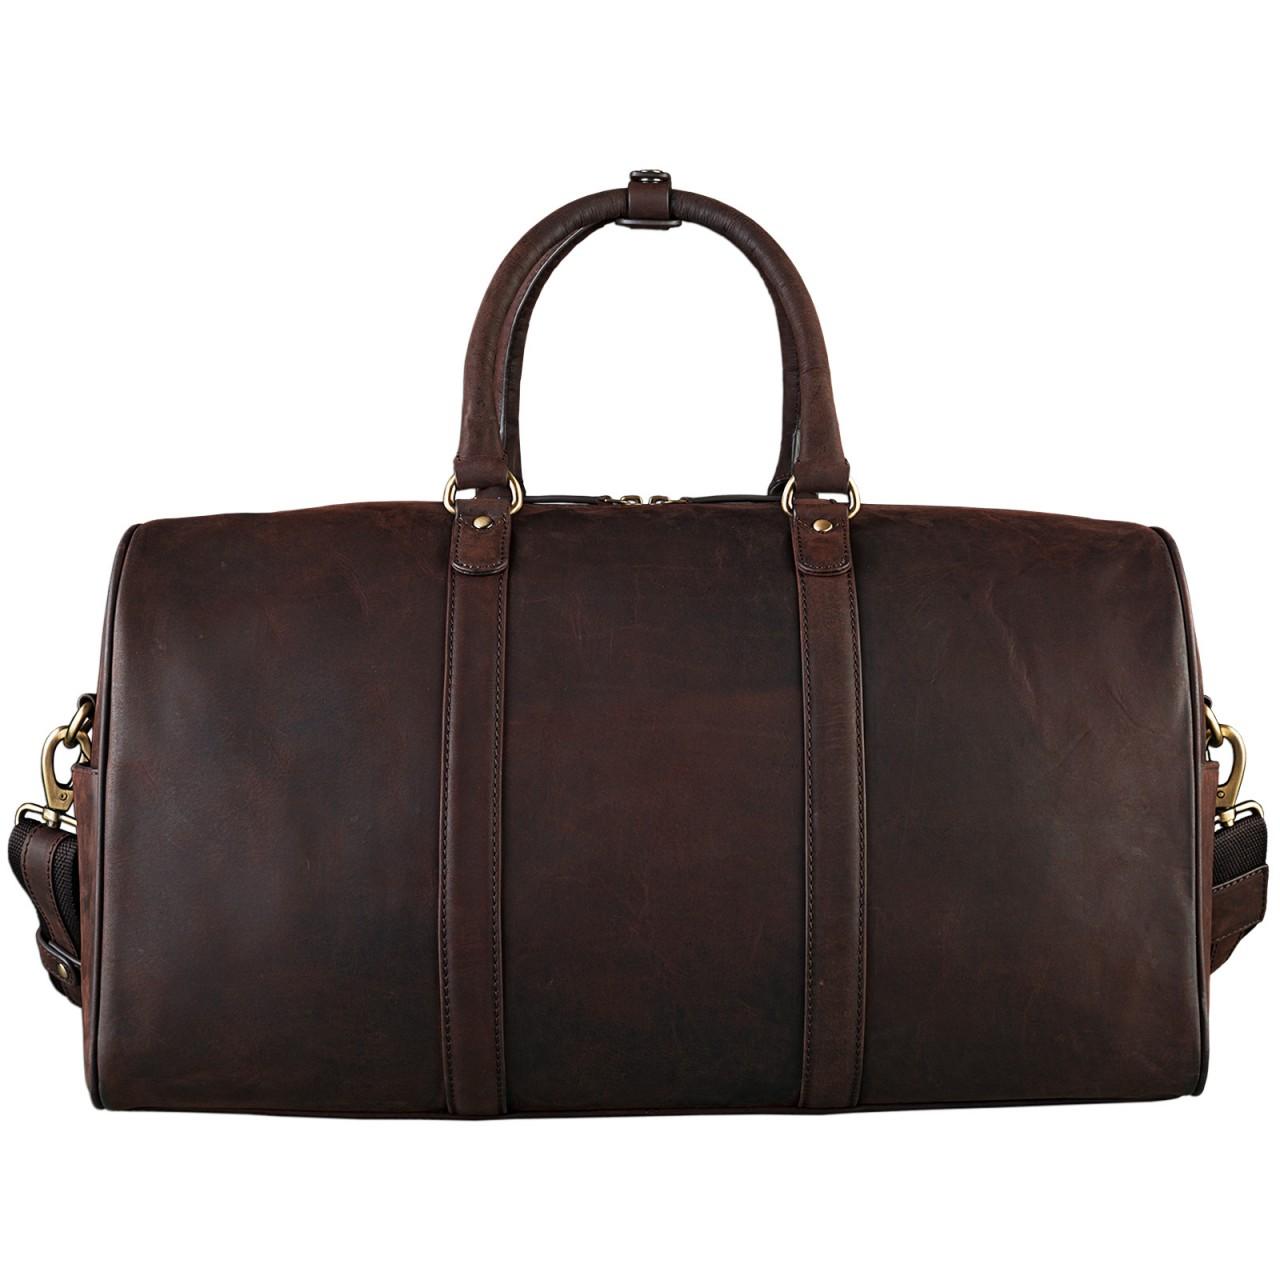 STILORD Elegante Vintage Reisetasche Umhängetasche Weekend Bag Handgepäck in Kabinengröße aus echtem Leder dunkelbraun - Bild 4